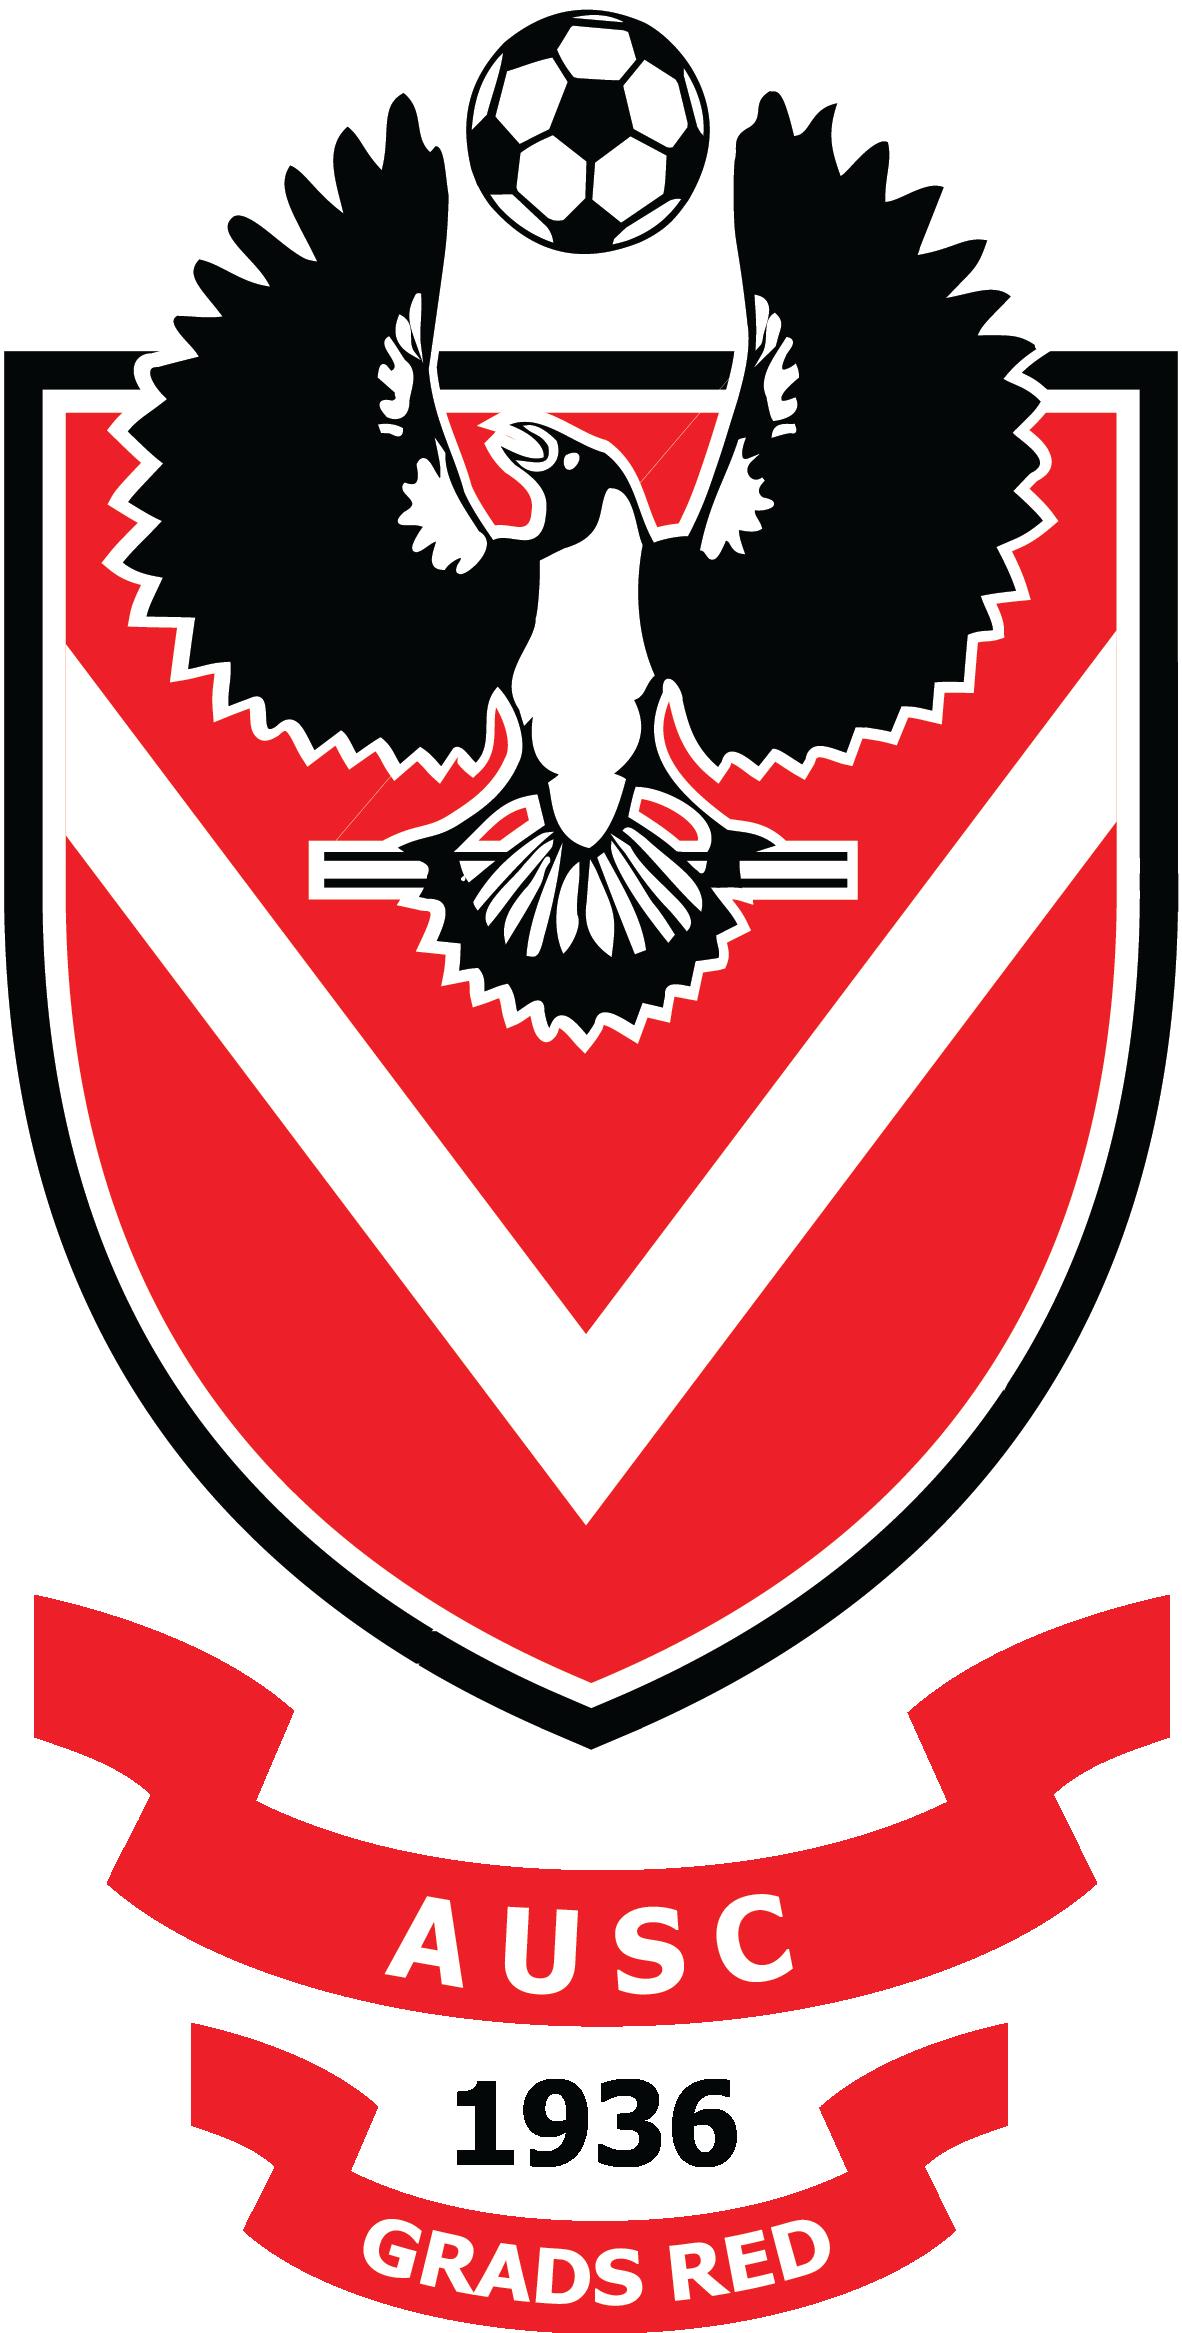 AUSC Graduates Red logo